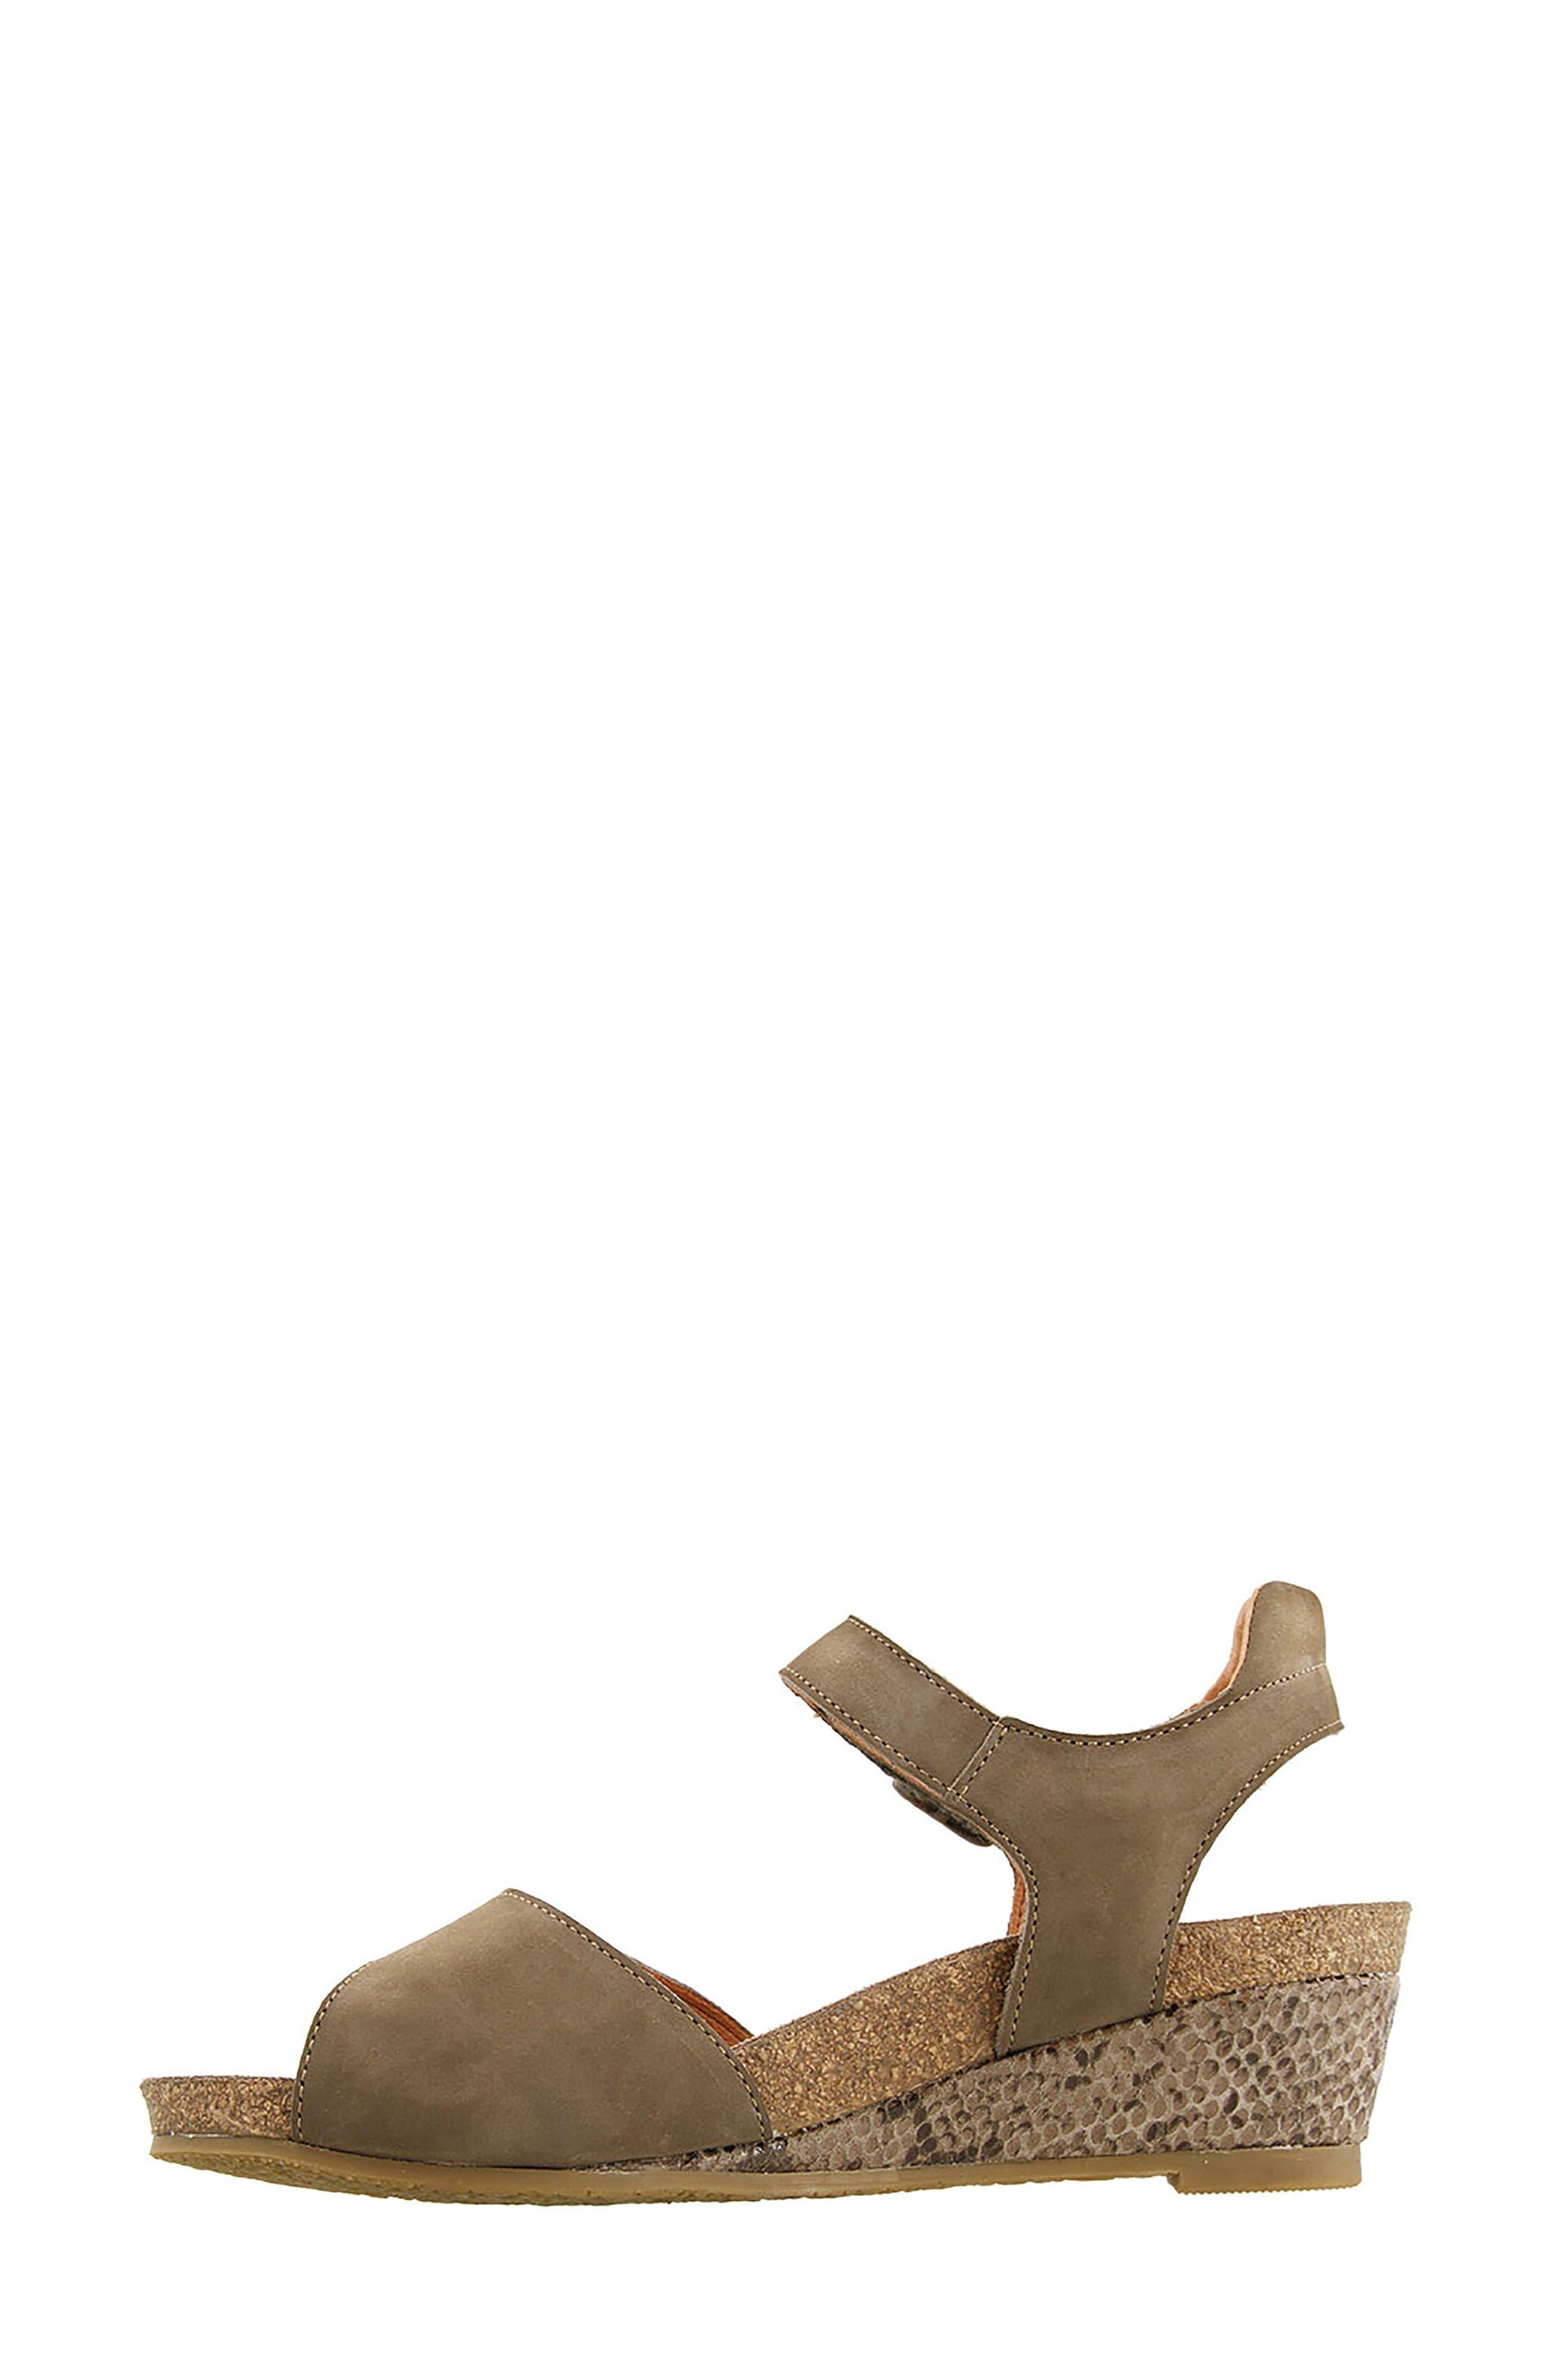 Traveler Wedge Sandal,                             Alternate thumbnail 9, color,